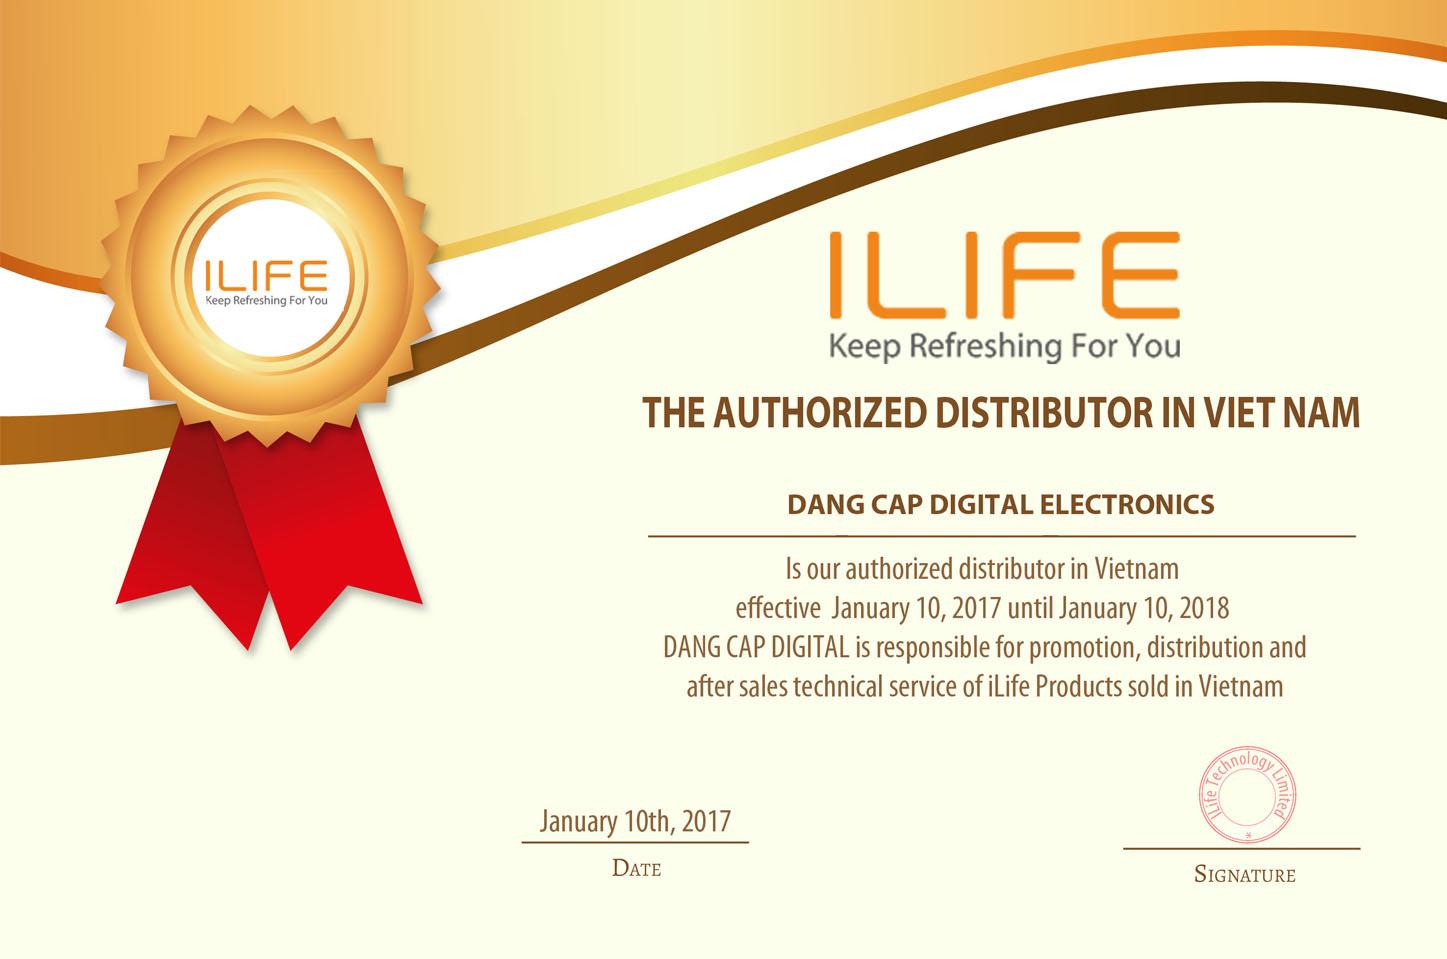 Giấy chứng nhận Đẳng Cấp Digital nhà phân phối iLife độc quyền tại Việt Nam